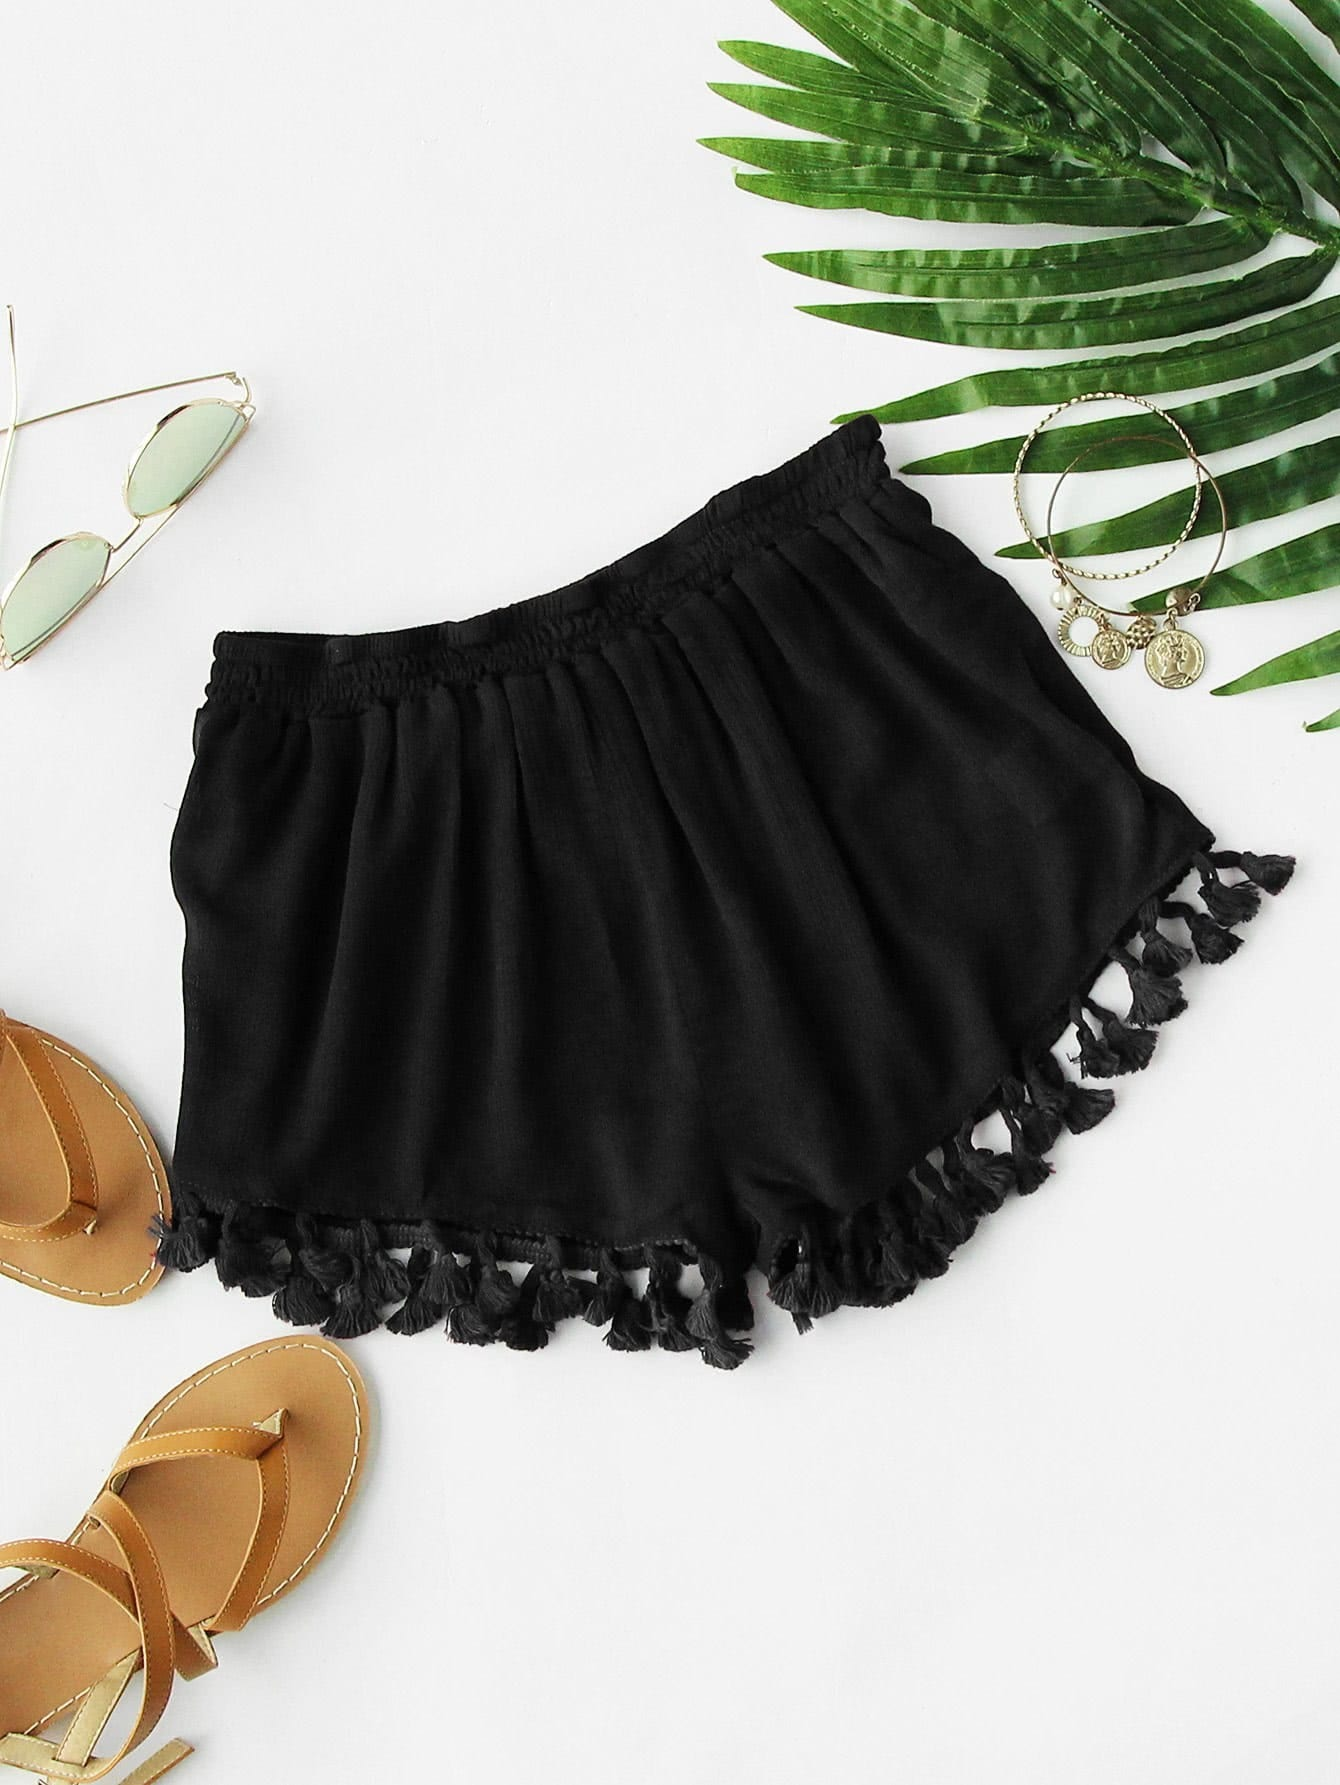 Tassel Hem Shorts hfbr 5803